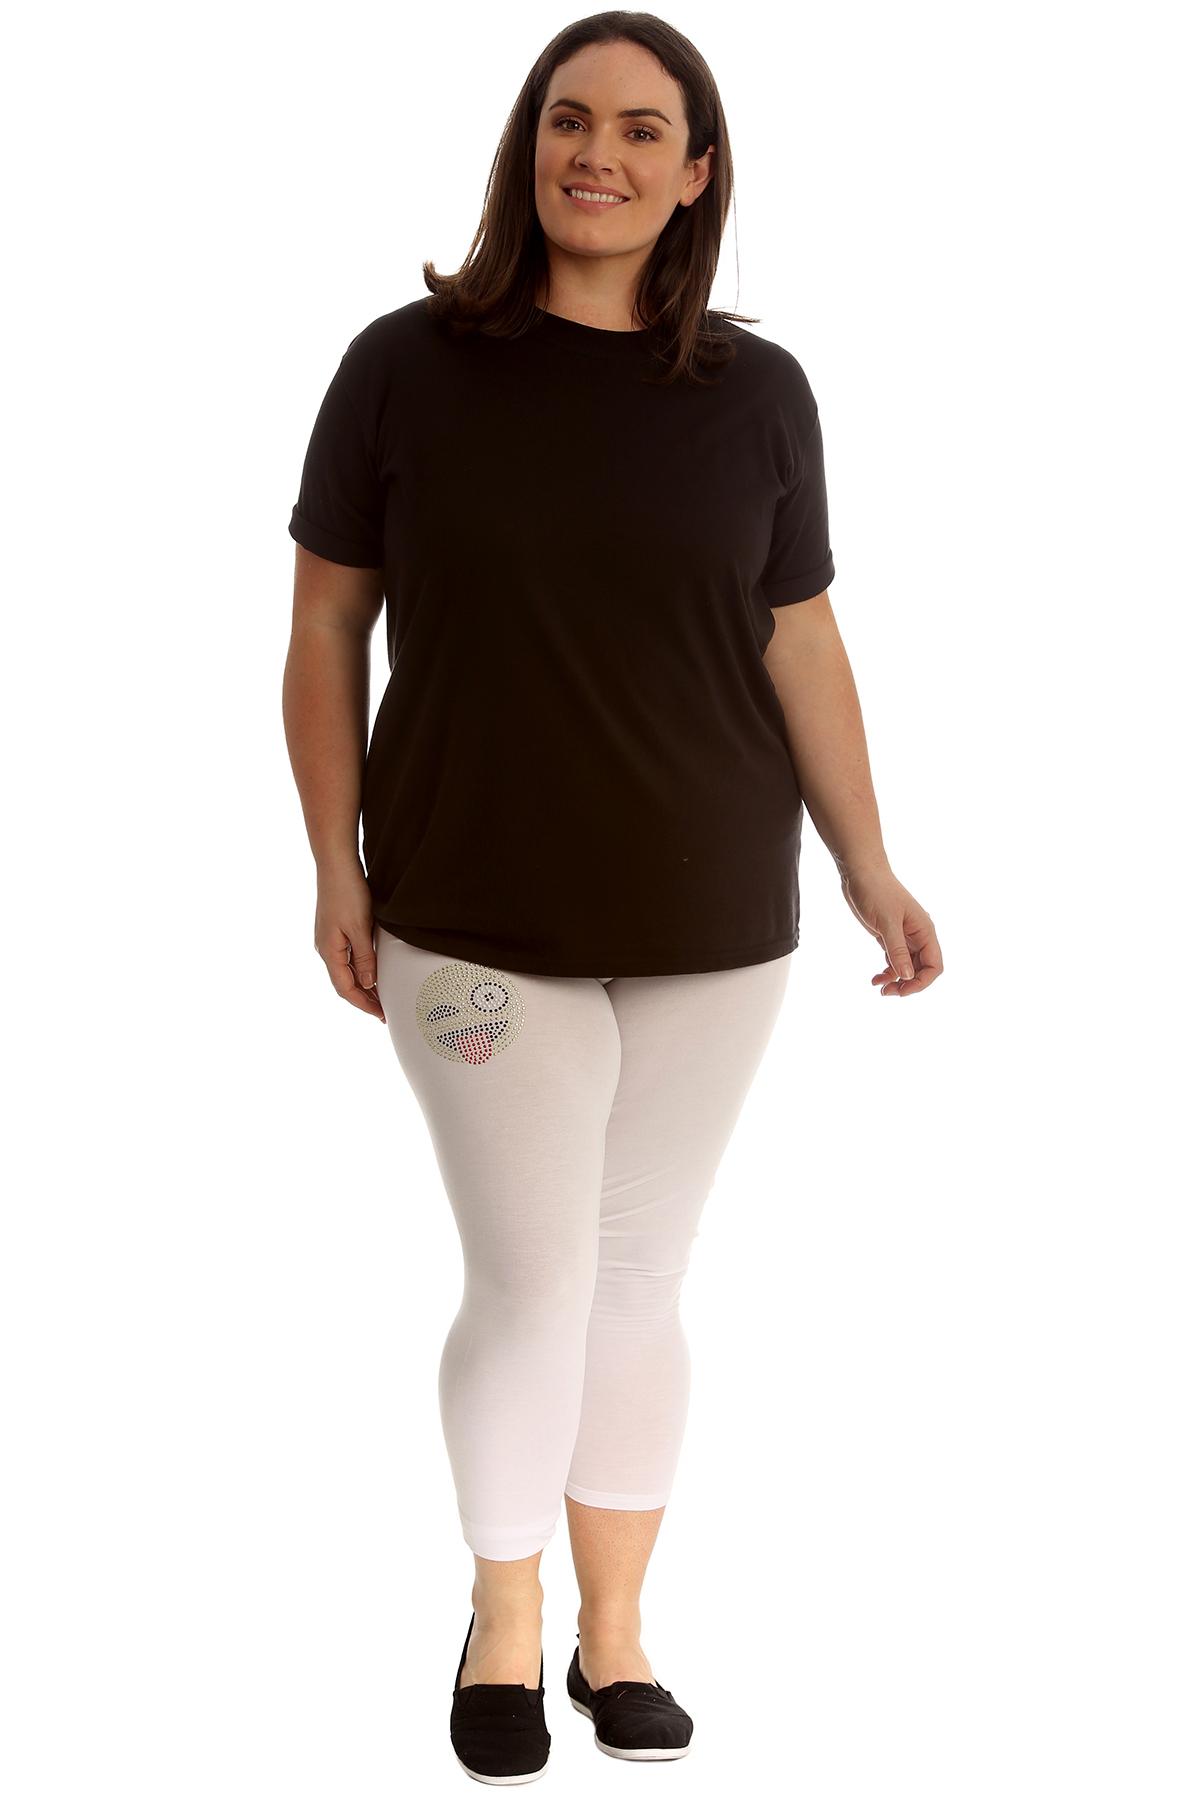 Nuevo mujeres más tamaño leggings Recortada Damas emoji Stud lengua Pantalones Pantalón Suave